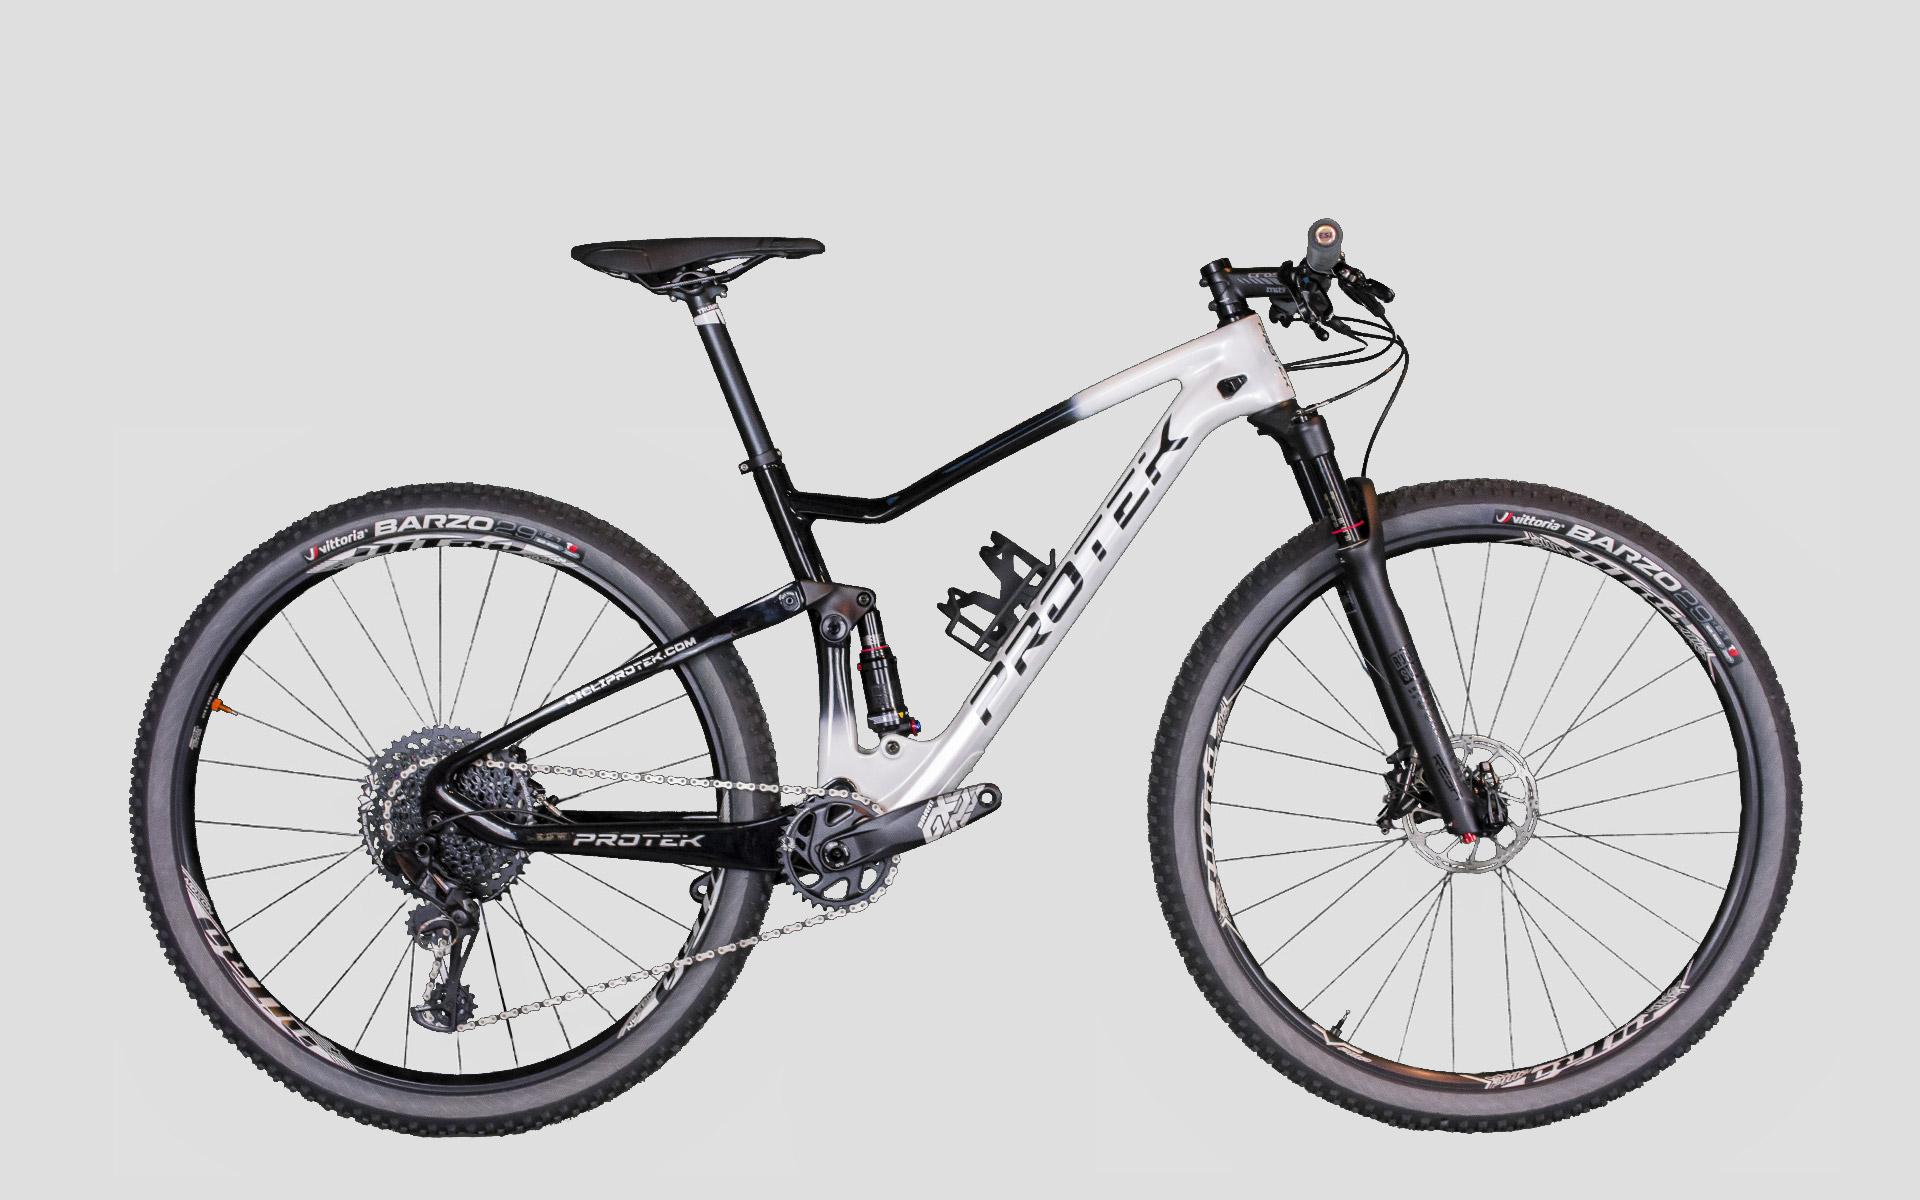 Cicli Protek FS 20